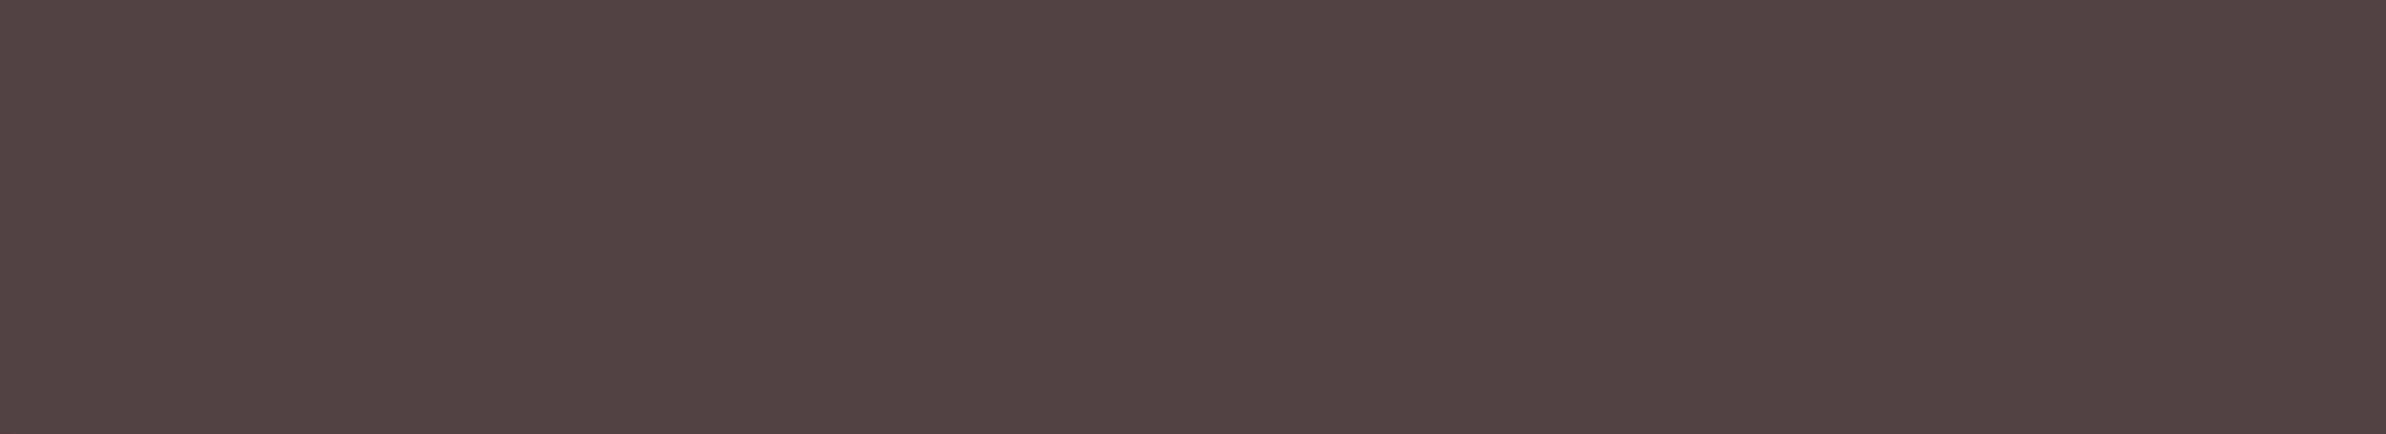 #469 @ 5% - Grey